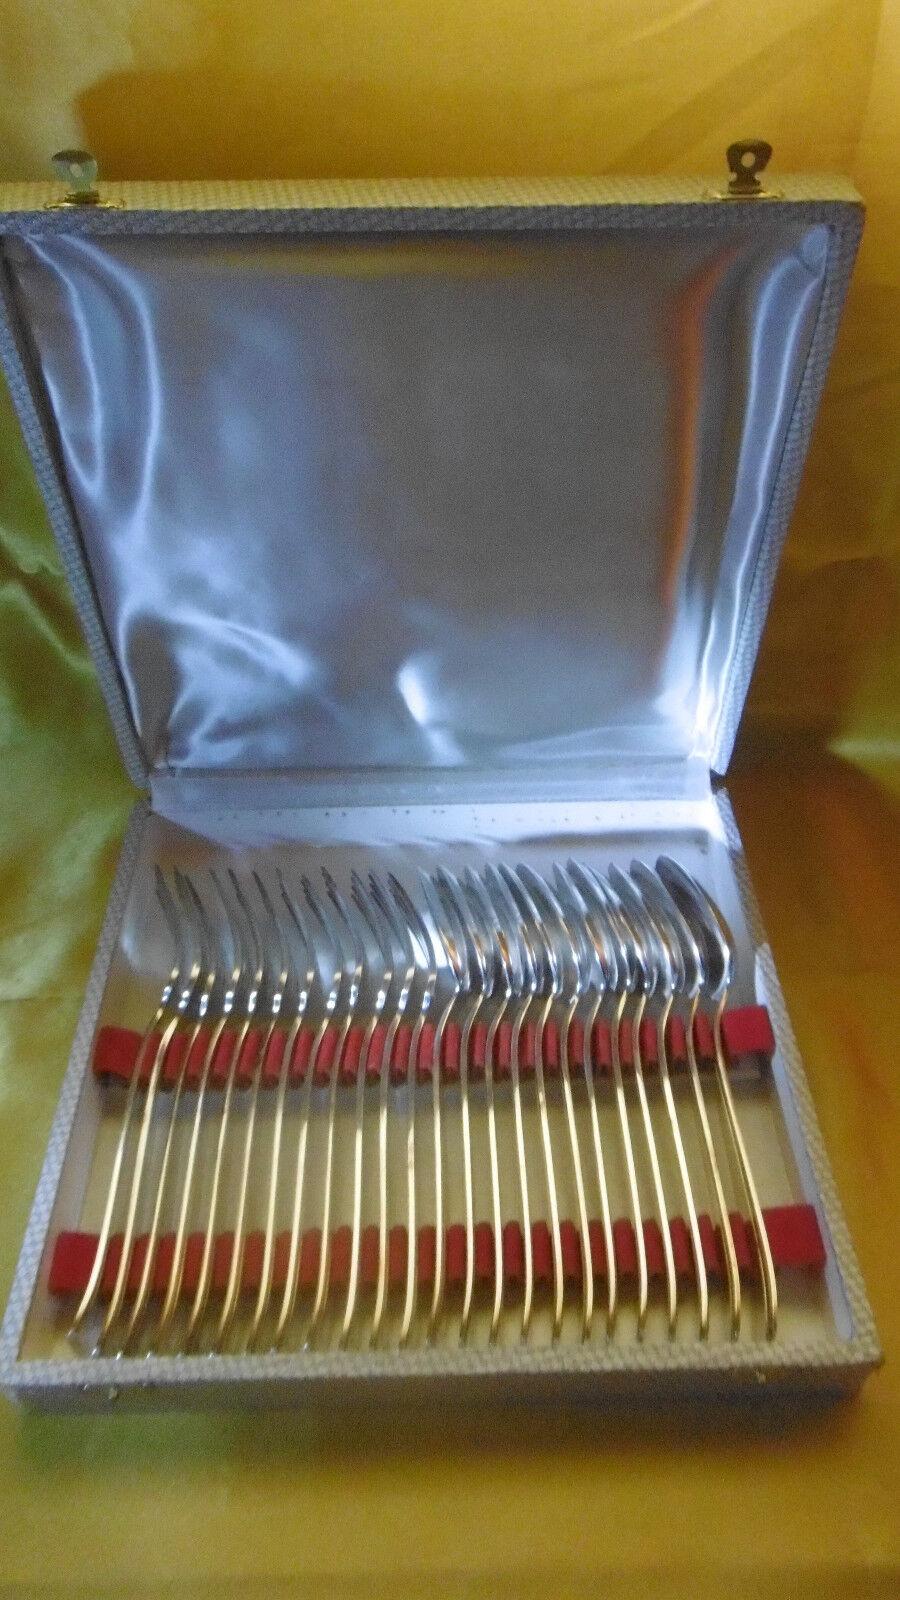 Menagere 24 pieces metal argenté saglier freres